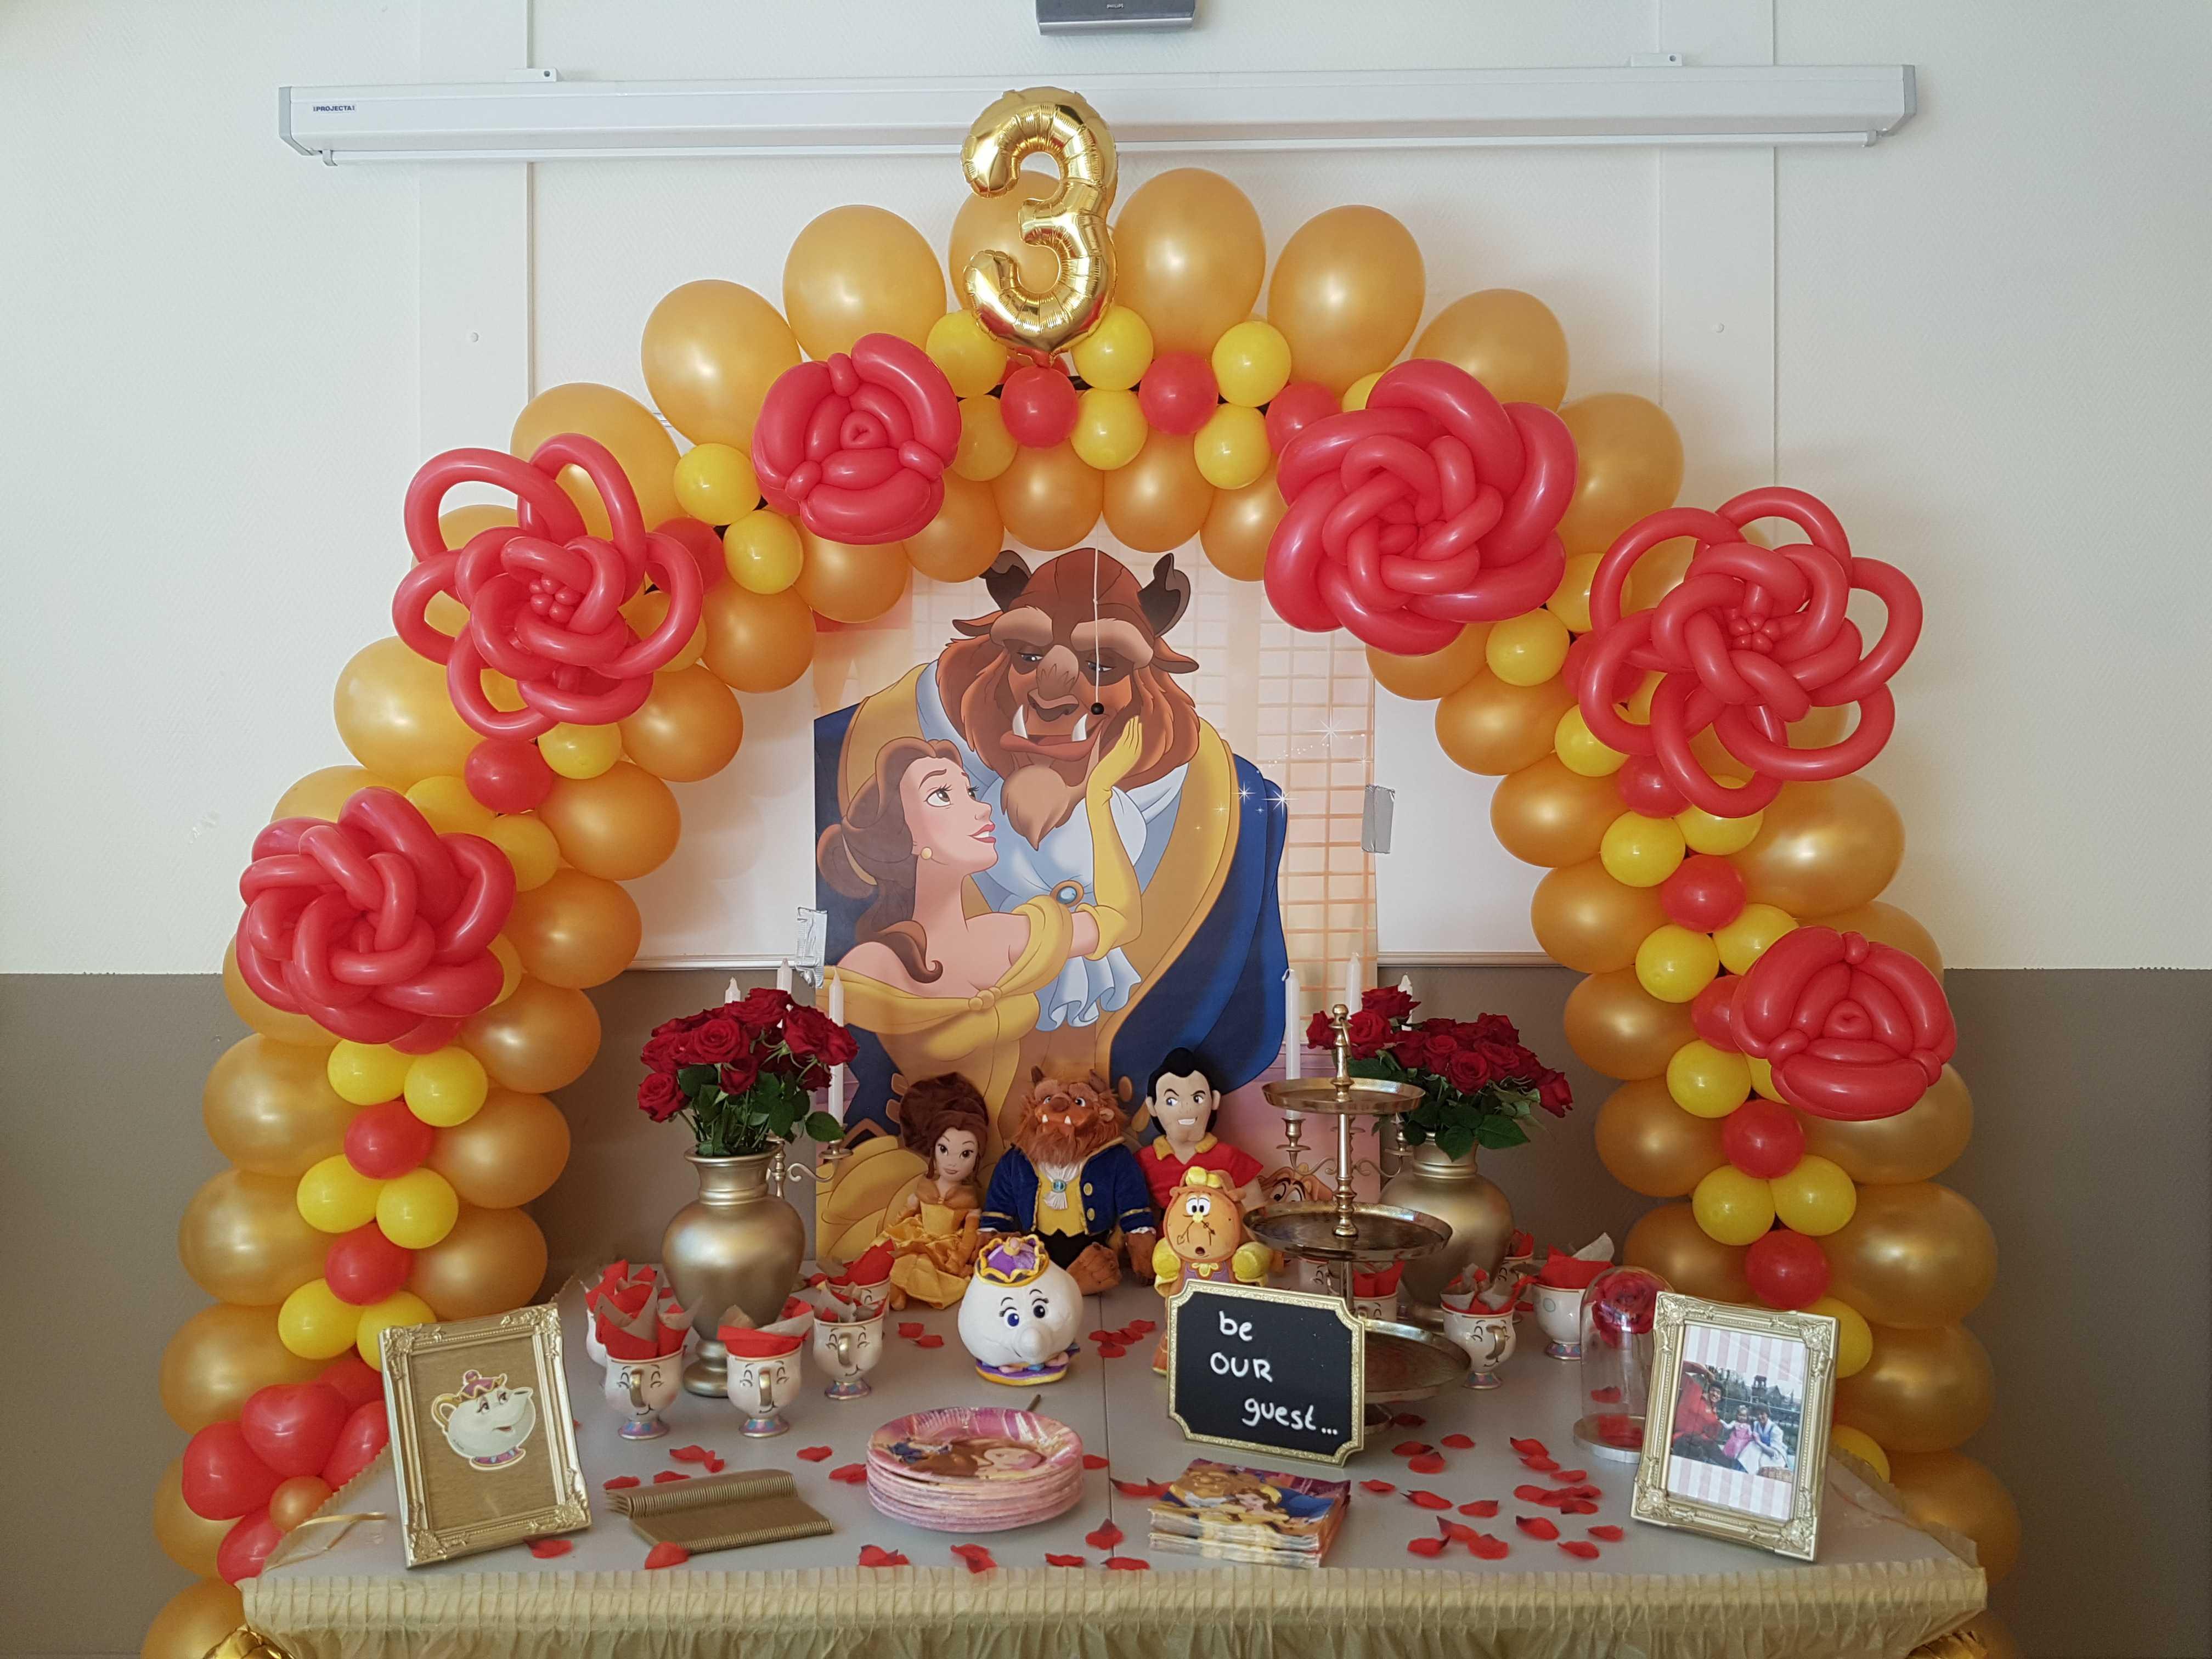 patroon ballonboog-tafel-bloemen-verjaardag-belle-en-het-beest